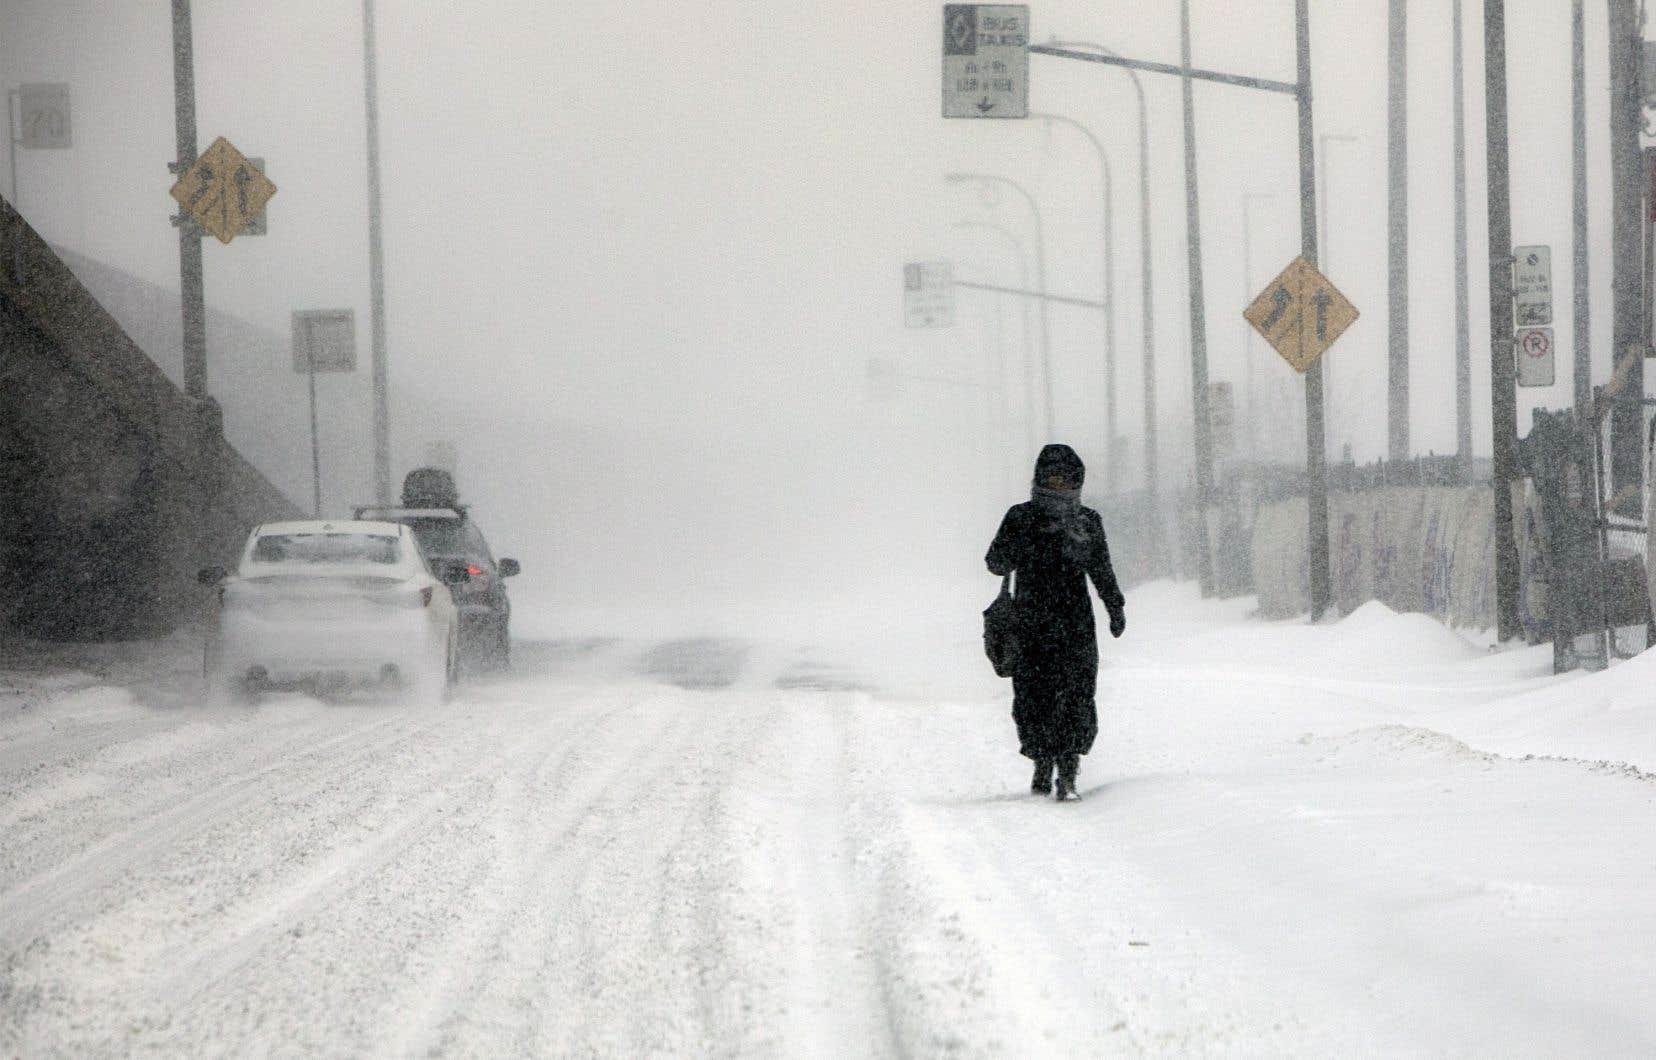 Les vents provoquent de la poudrerie ce qui réduit considérablement la visibilité sur les routes.